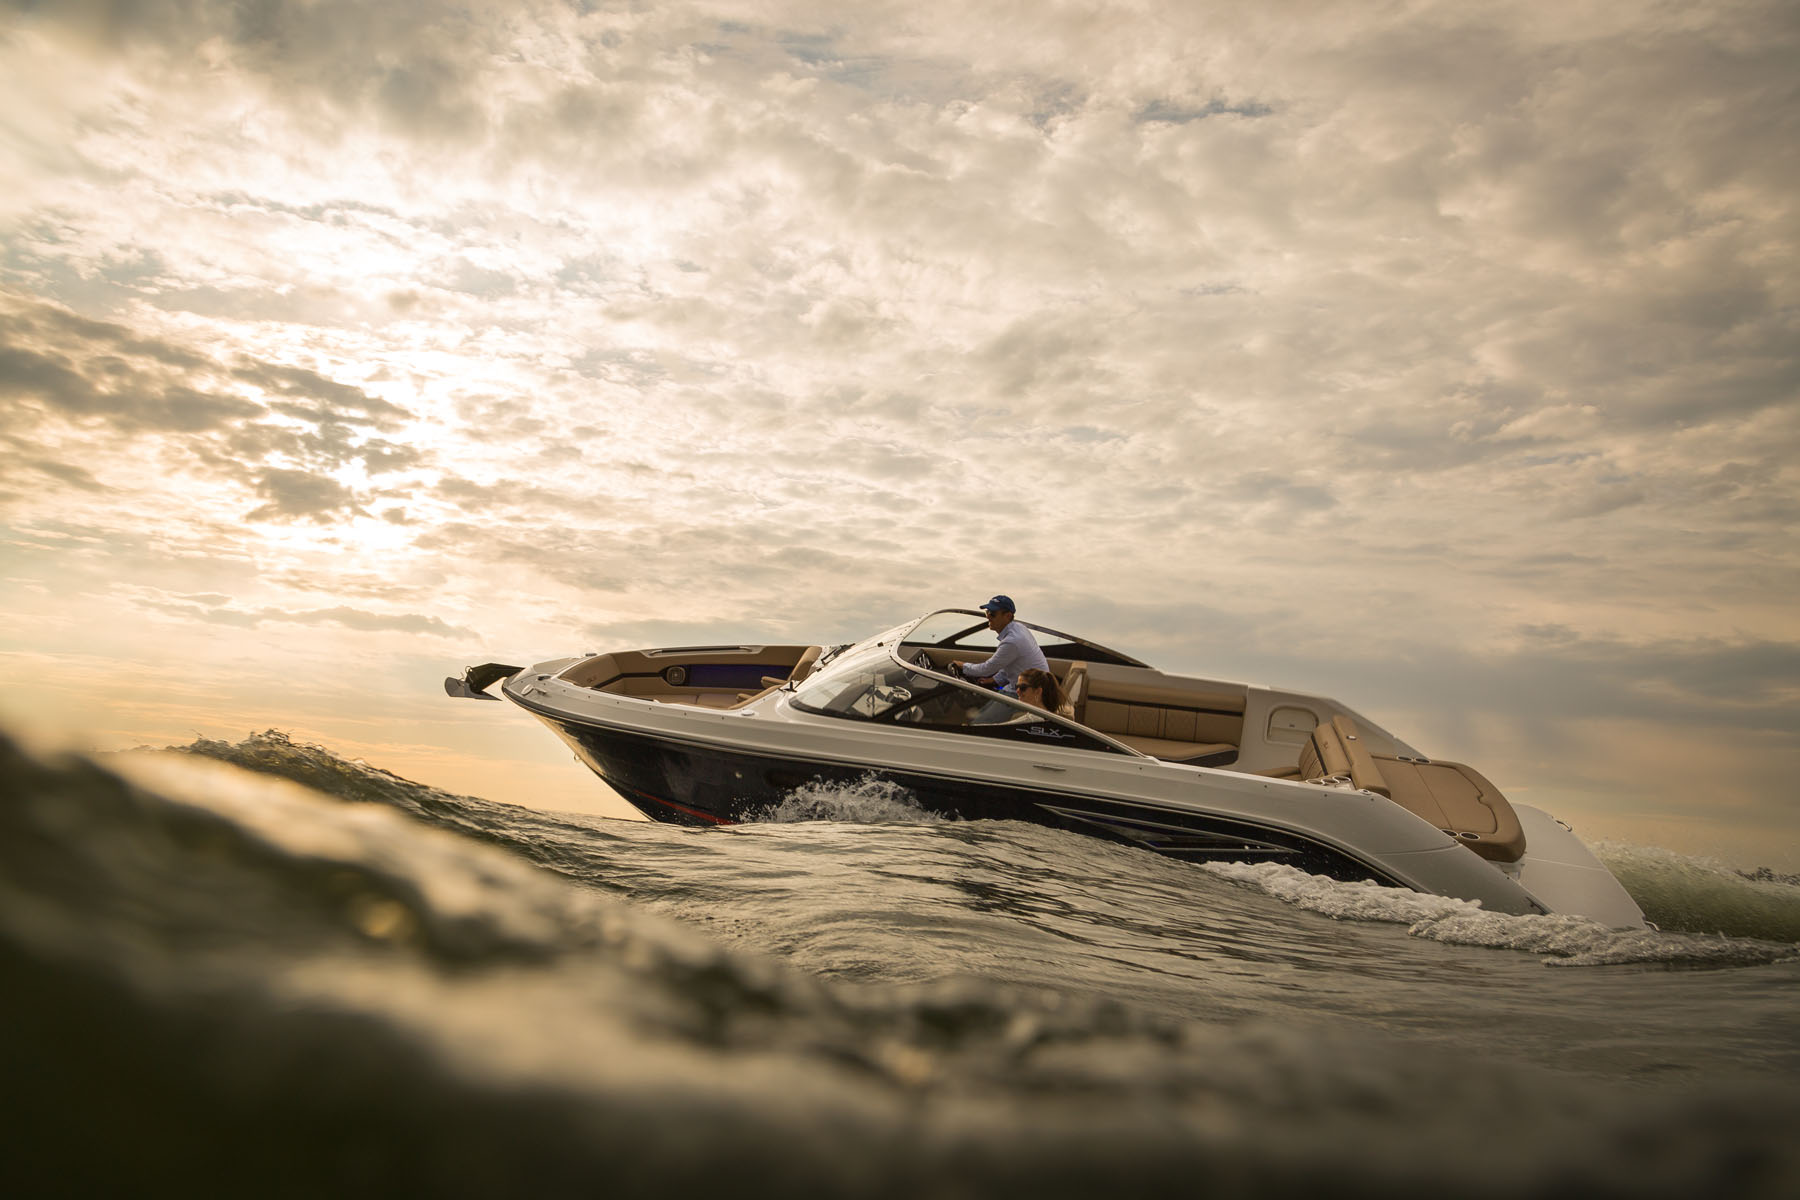 Boat Yacht Marine Lifestyle Photographer